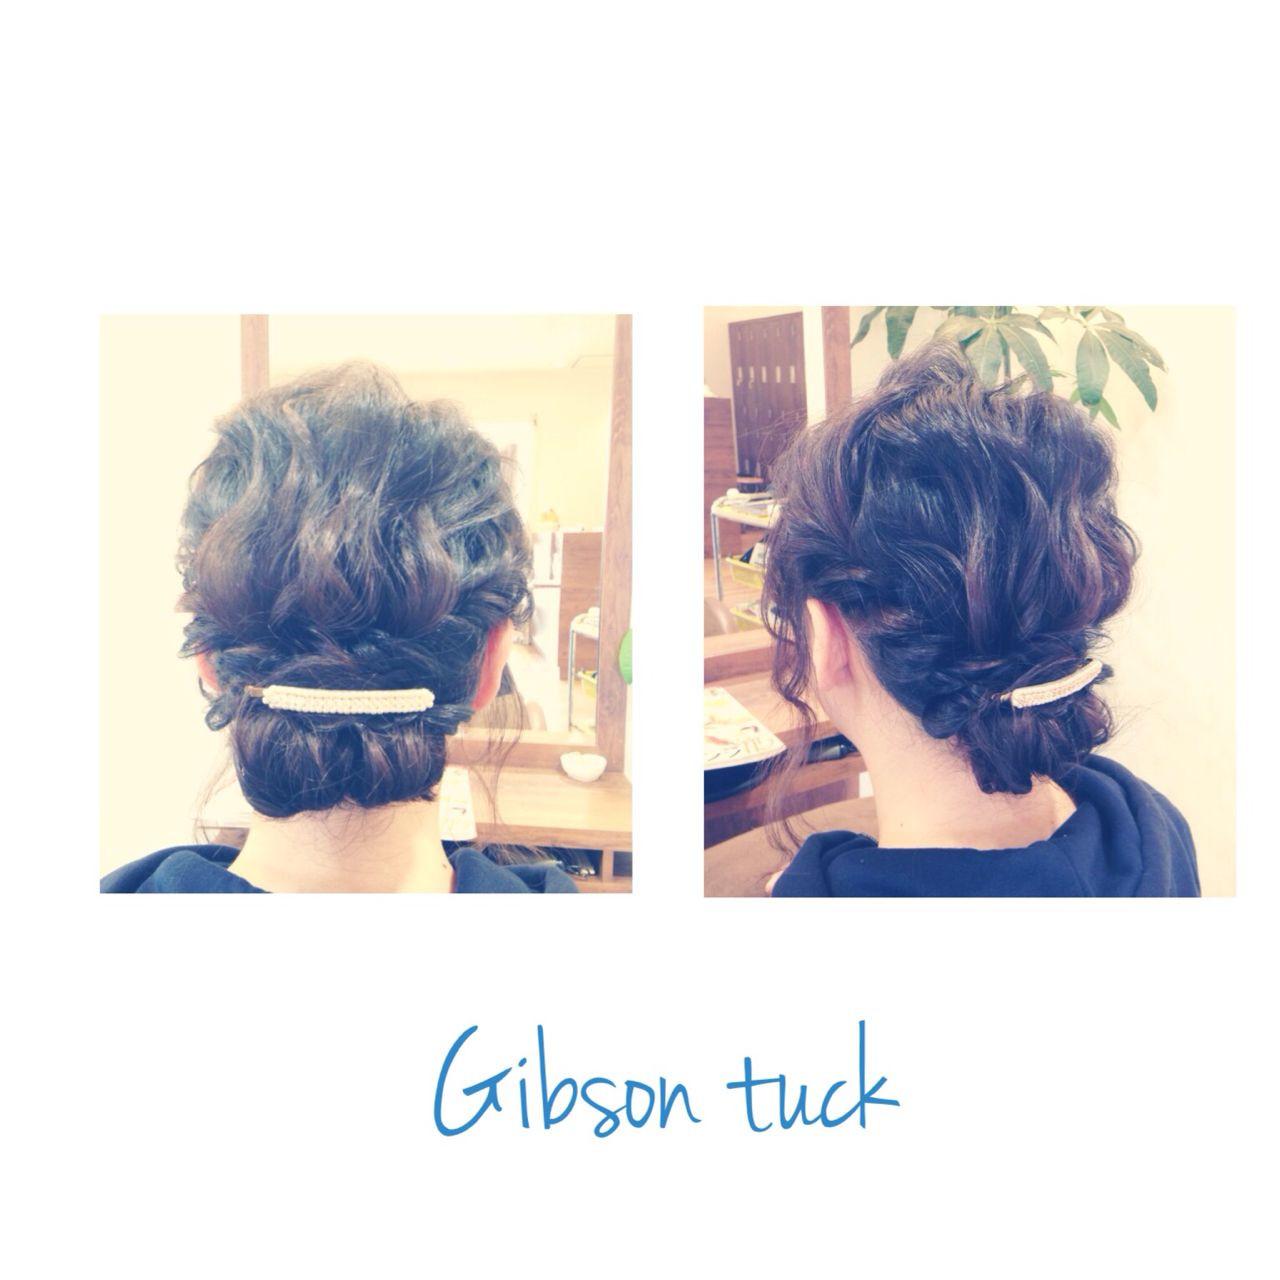 自分の髪型を大変身!簡単にできちゃう可愛いヘアアレンジ方法♡ 佐田波留佳